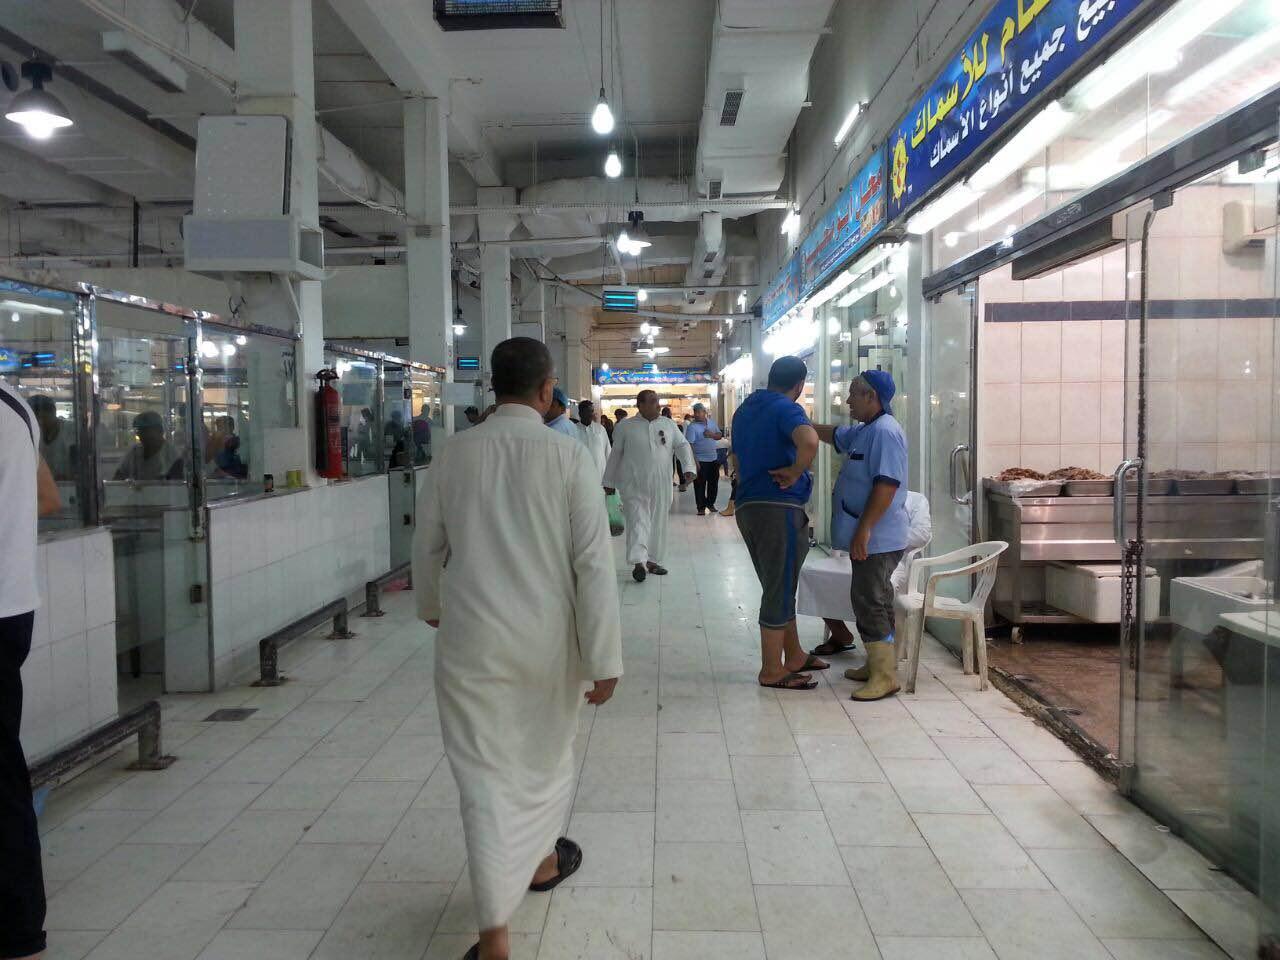 حرارة الاجواء واقتراب رمضان يسجلان ركودا في اسواق السمك بمكة (2)